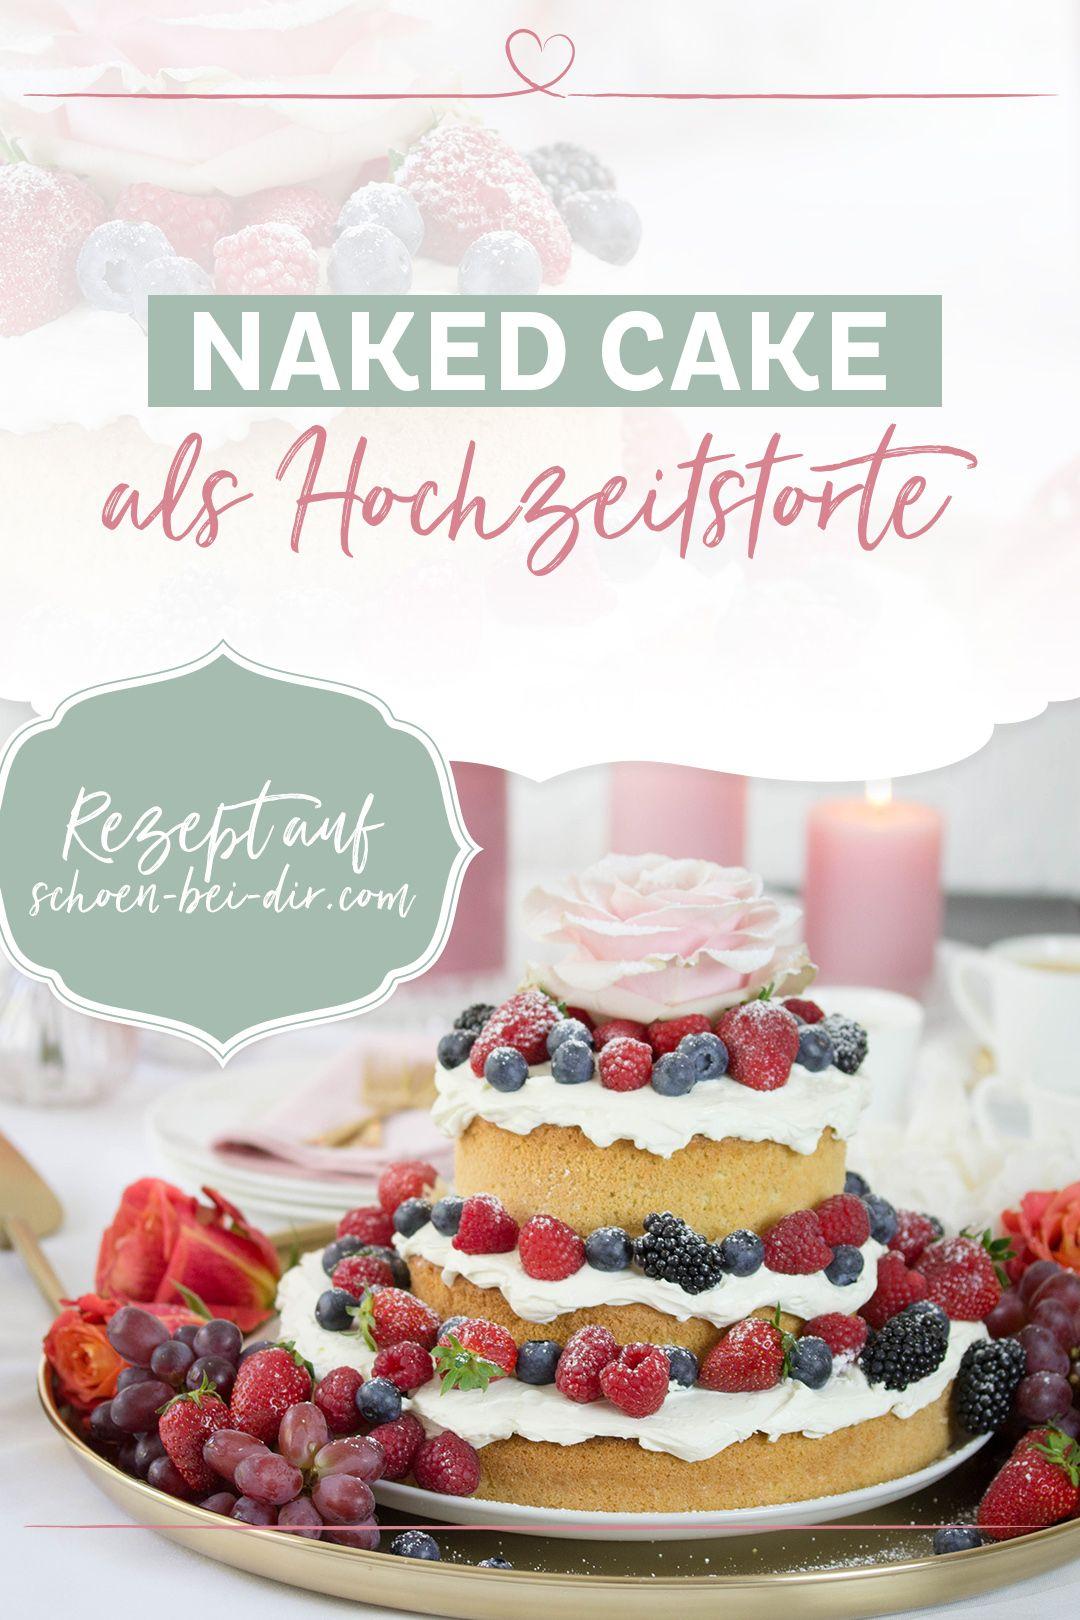 Liebe liegt in der Luft! - Naked Cake als Hochzeitstorte